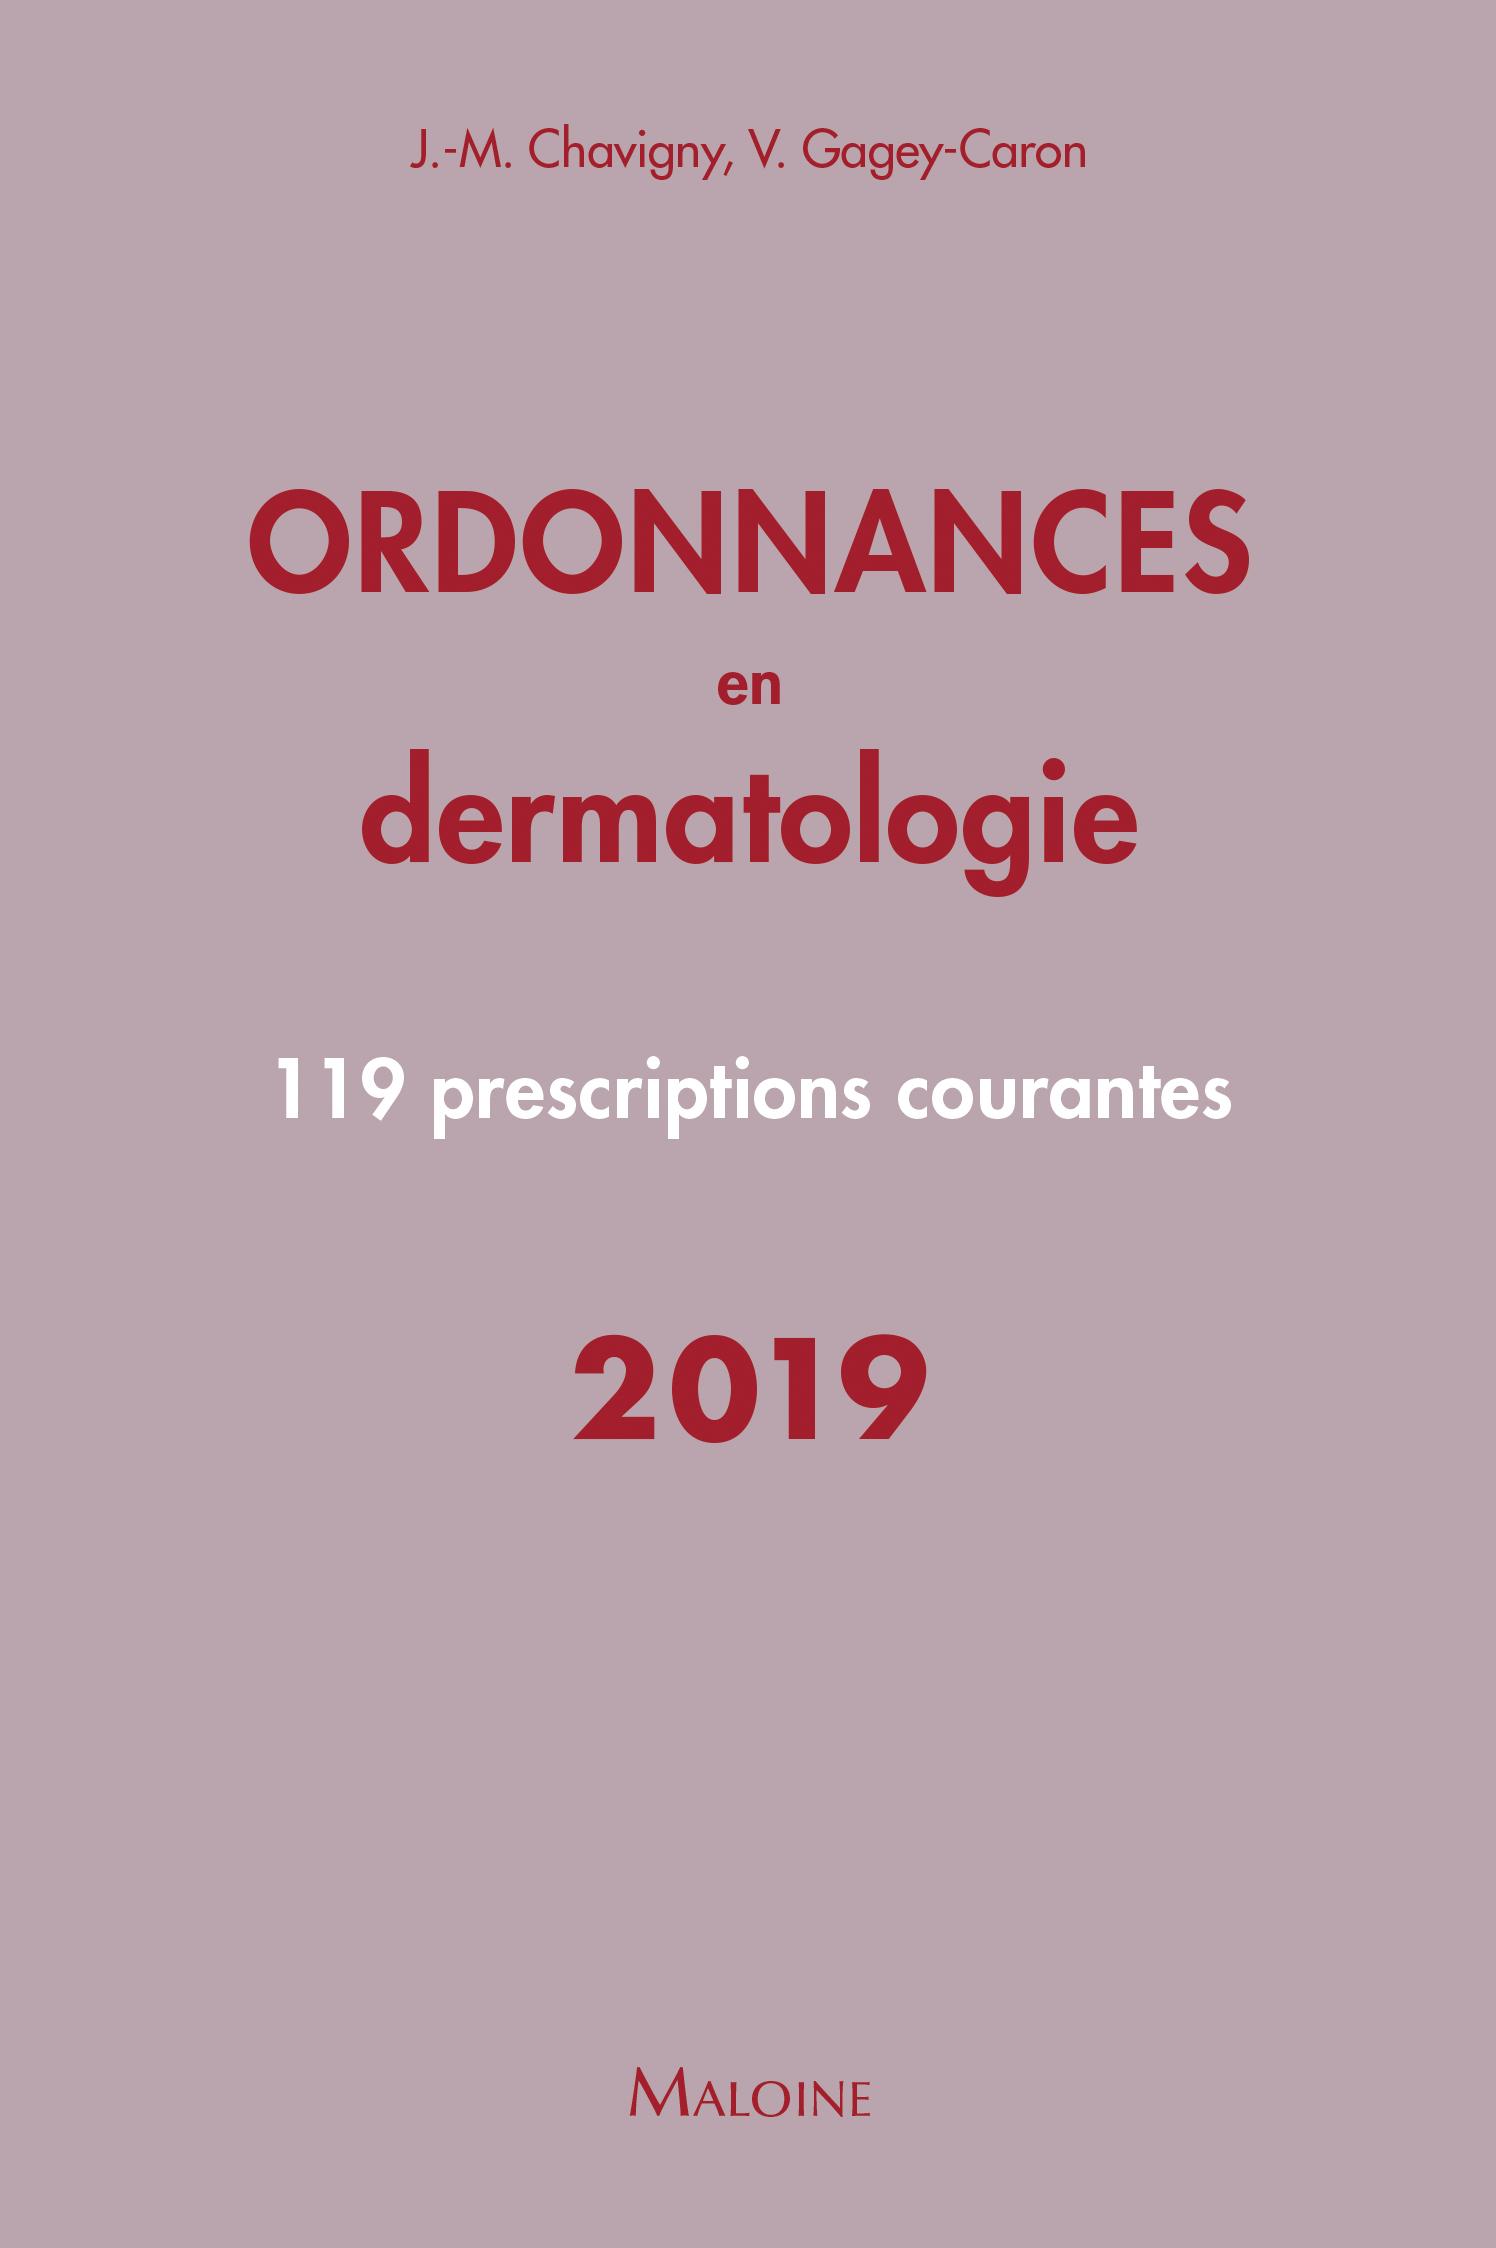 ORDONNANCES EN DERMATOLOGIE - 100 PRESCRIPTIONS COURANTES